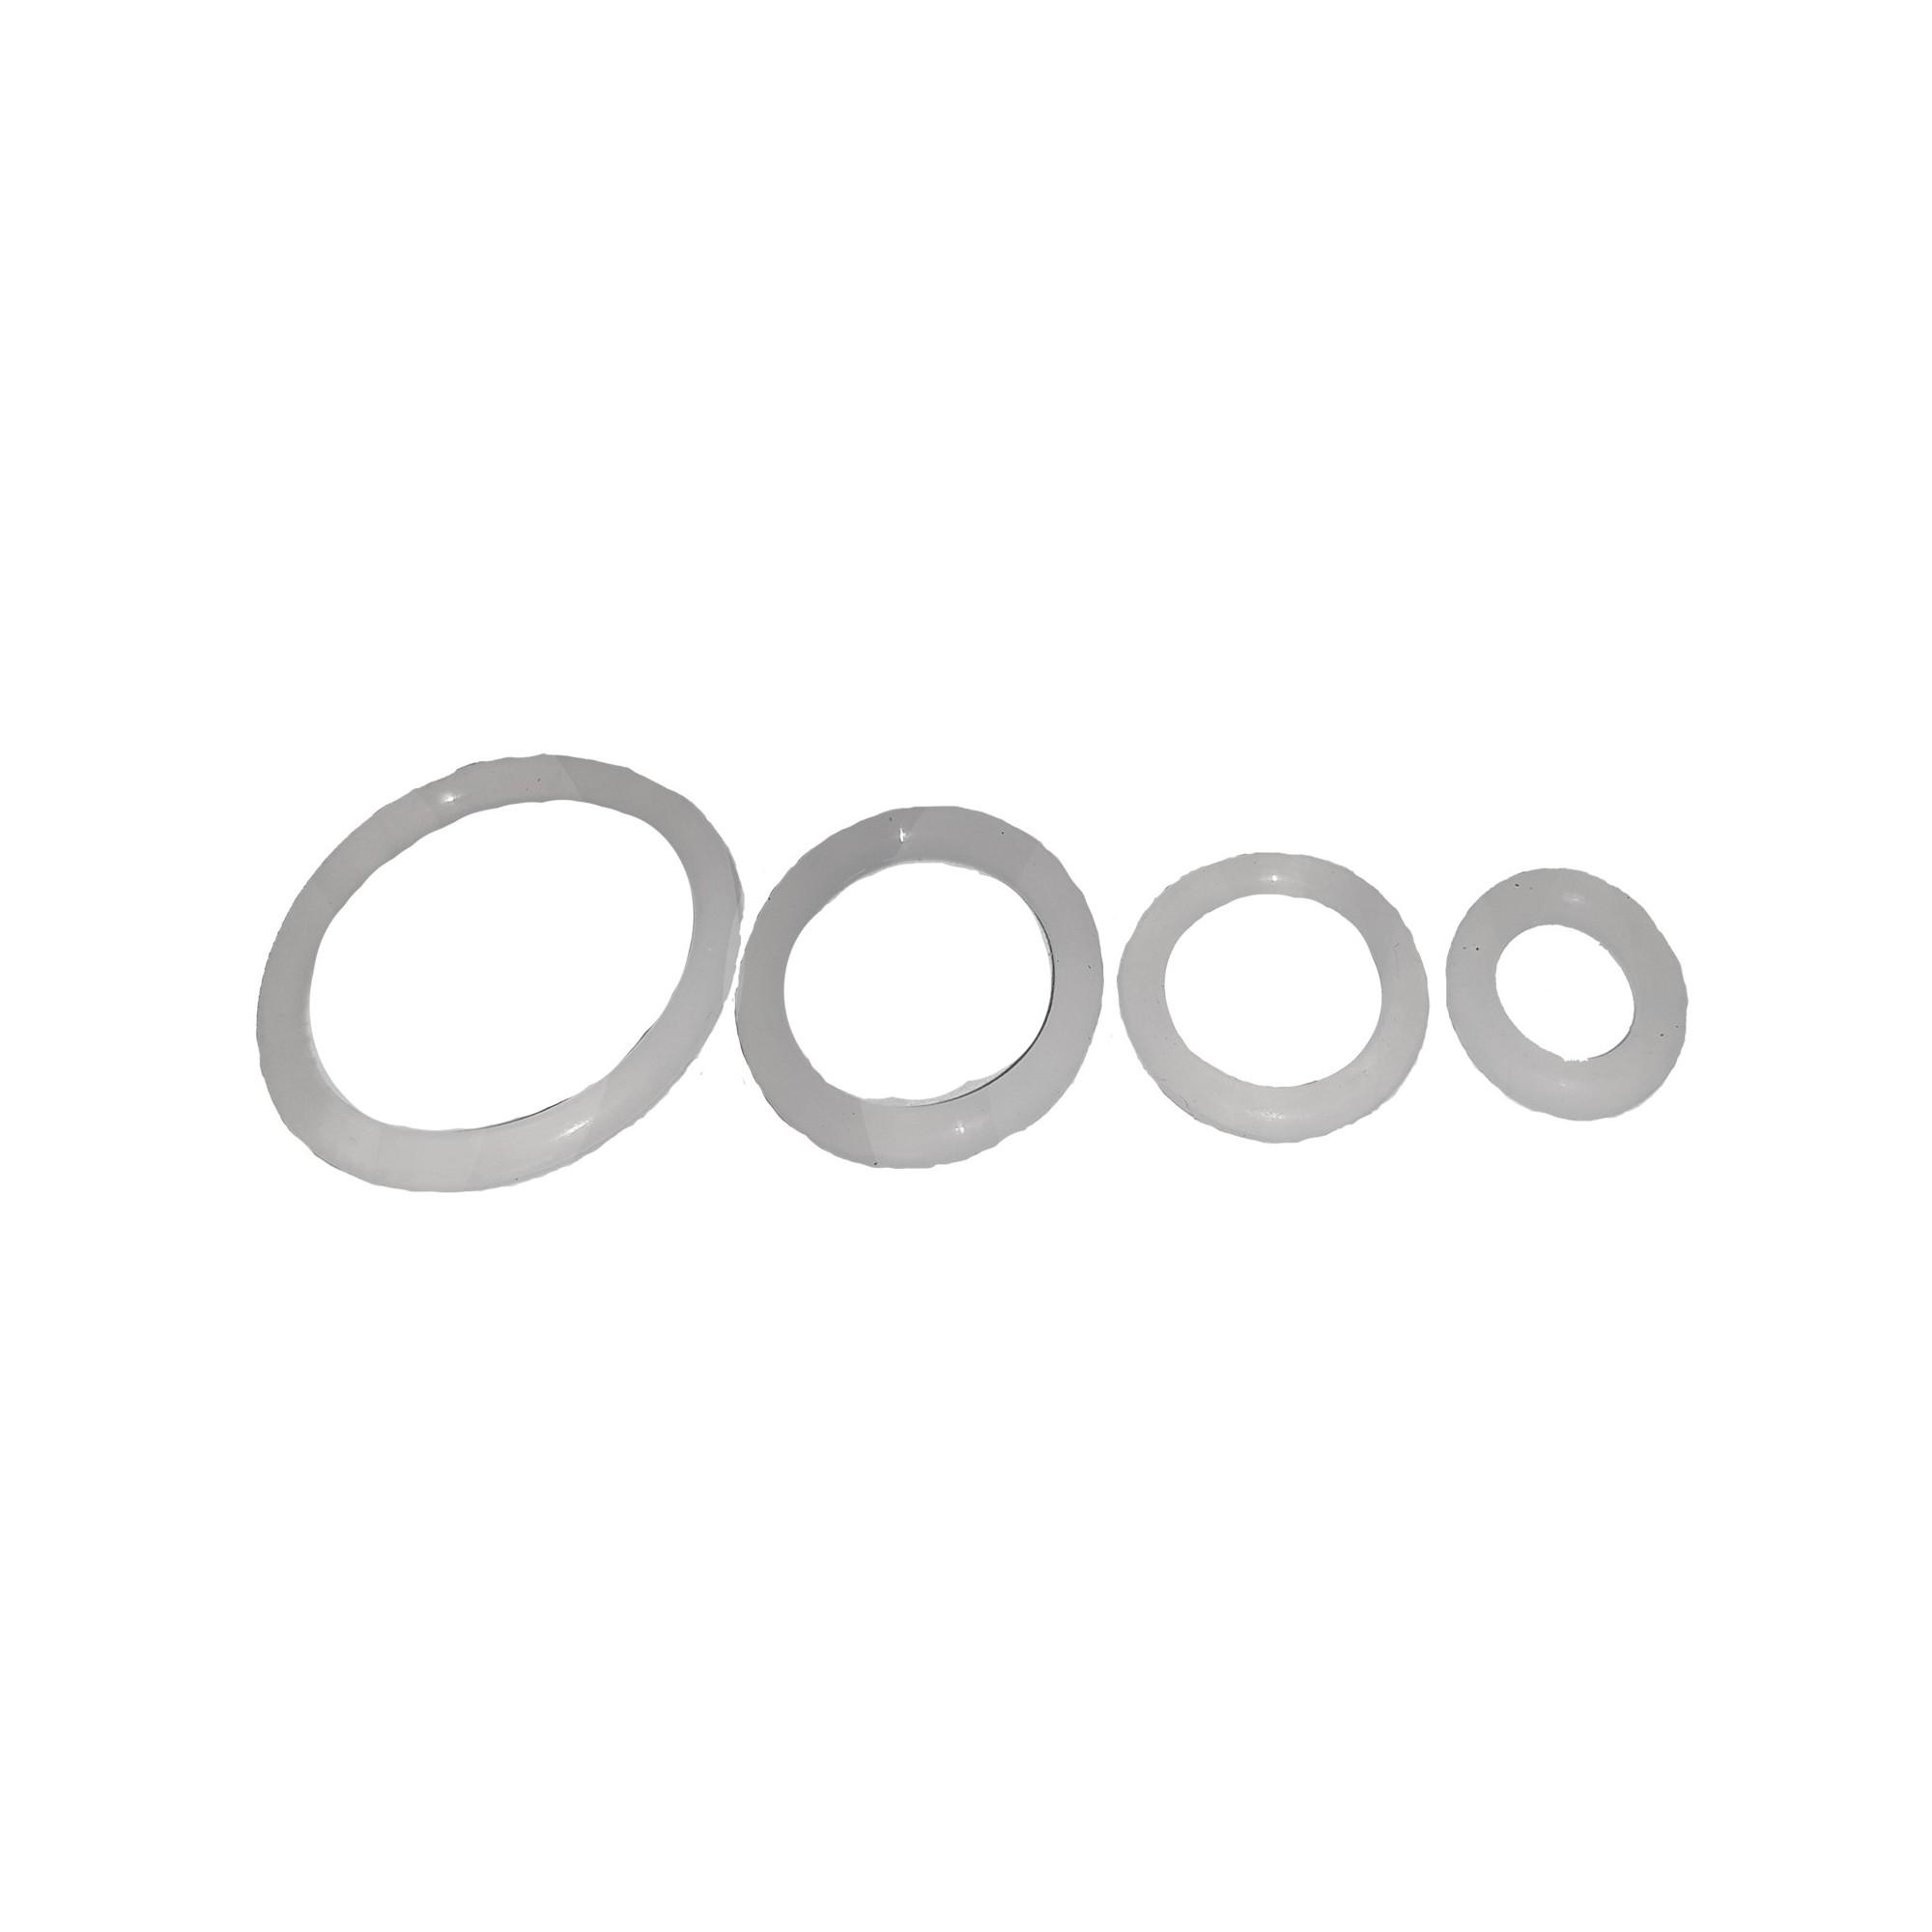 Упаковка колец силиконовых 100 шт пищевых термостойких 18мм*14мм*2.0мм J.G. - 1